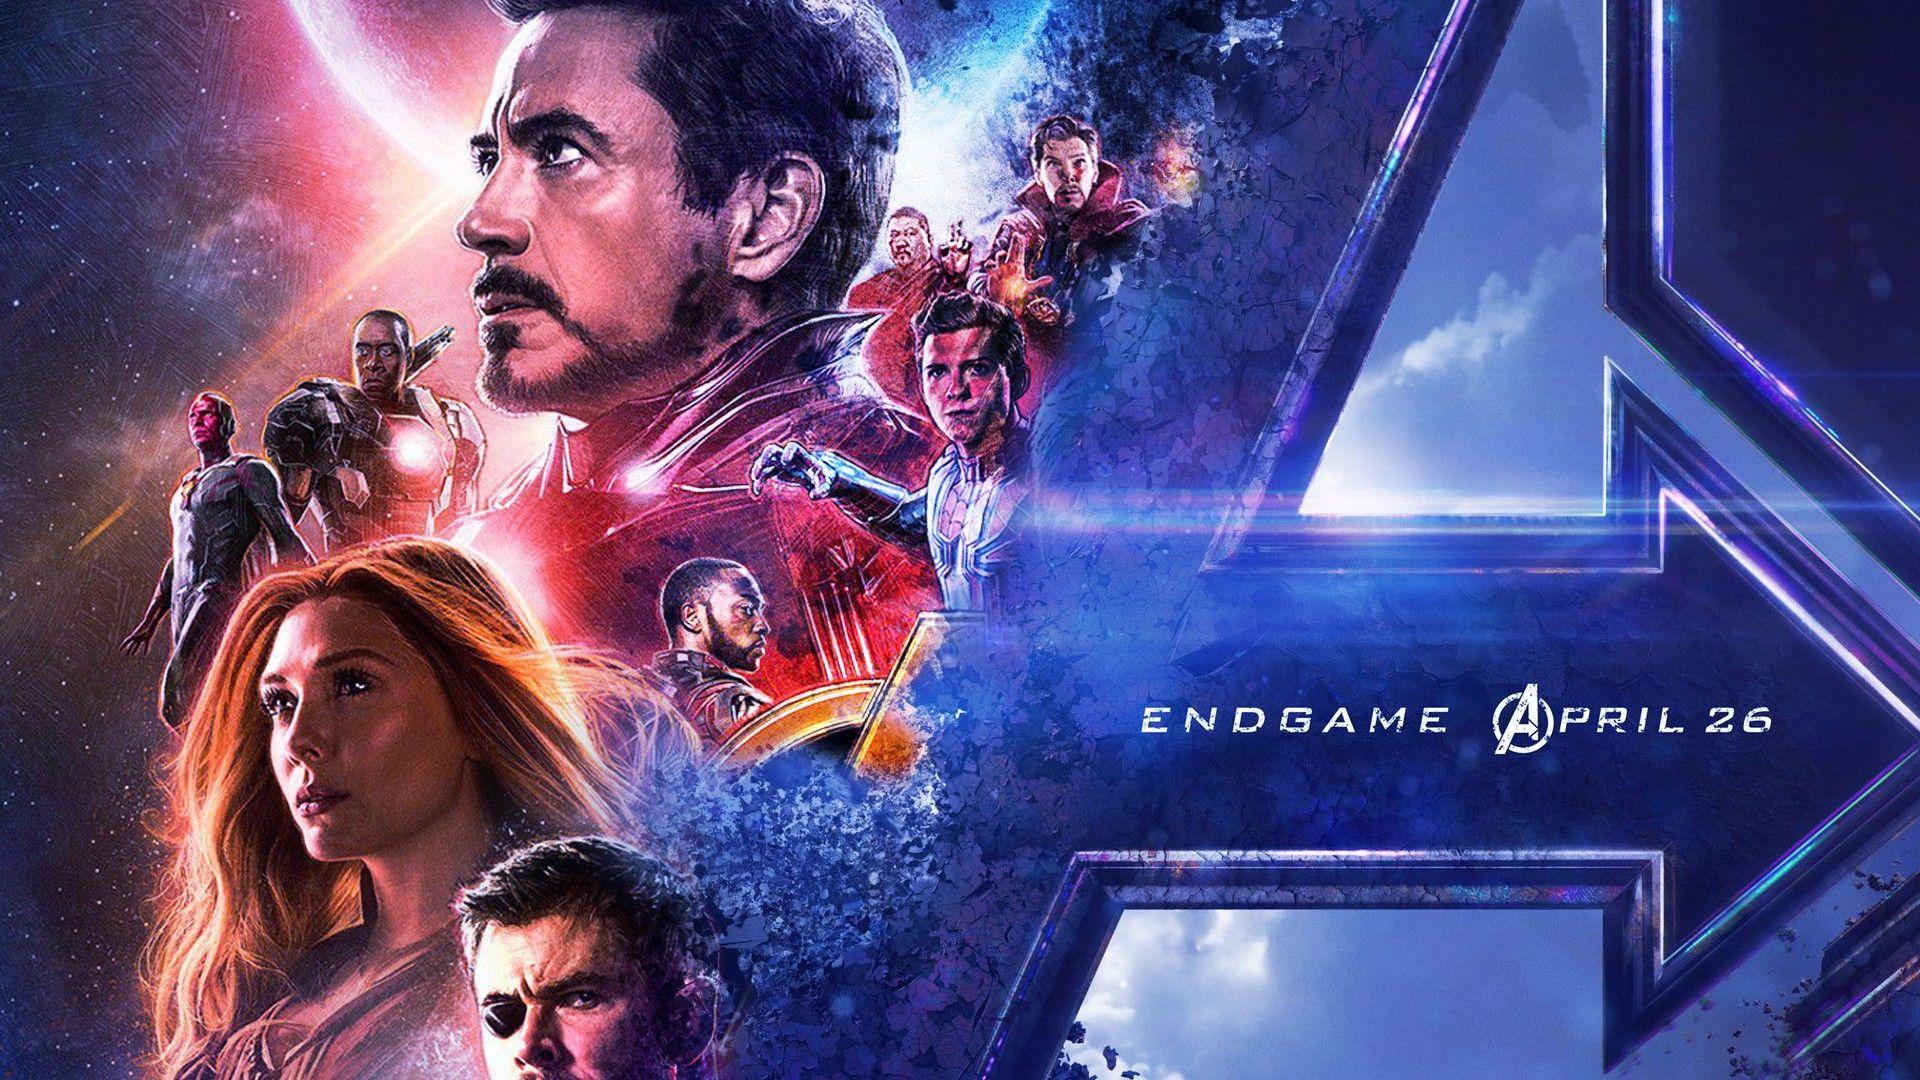 Avengers Endgame Backgrounds Best Movie Poster Wallpaper Hd Avengers Film Avengers Movie Posters